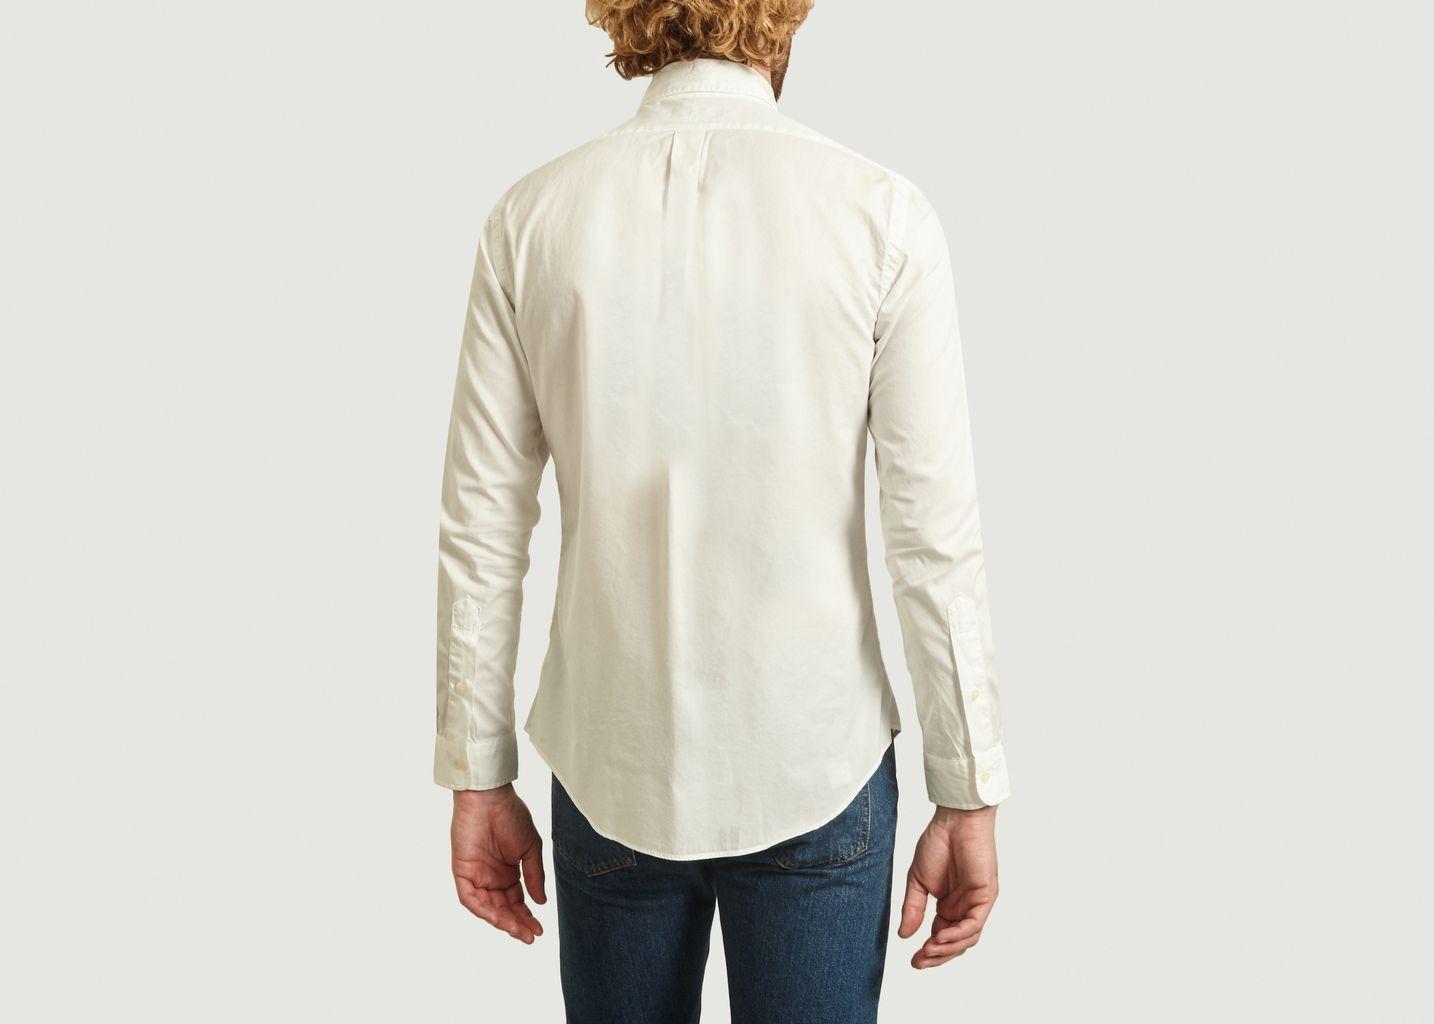 Chemise Cintrée Siglée - Polo Ralph Lauren